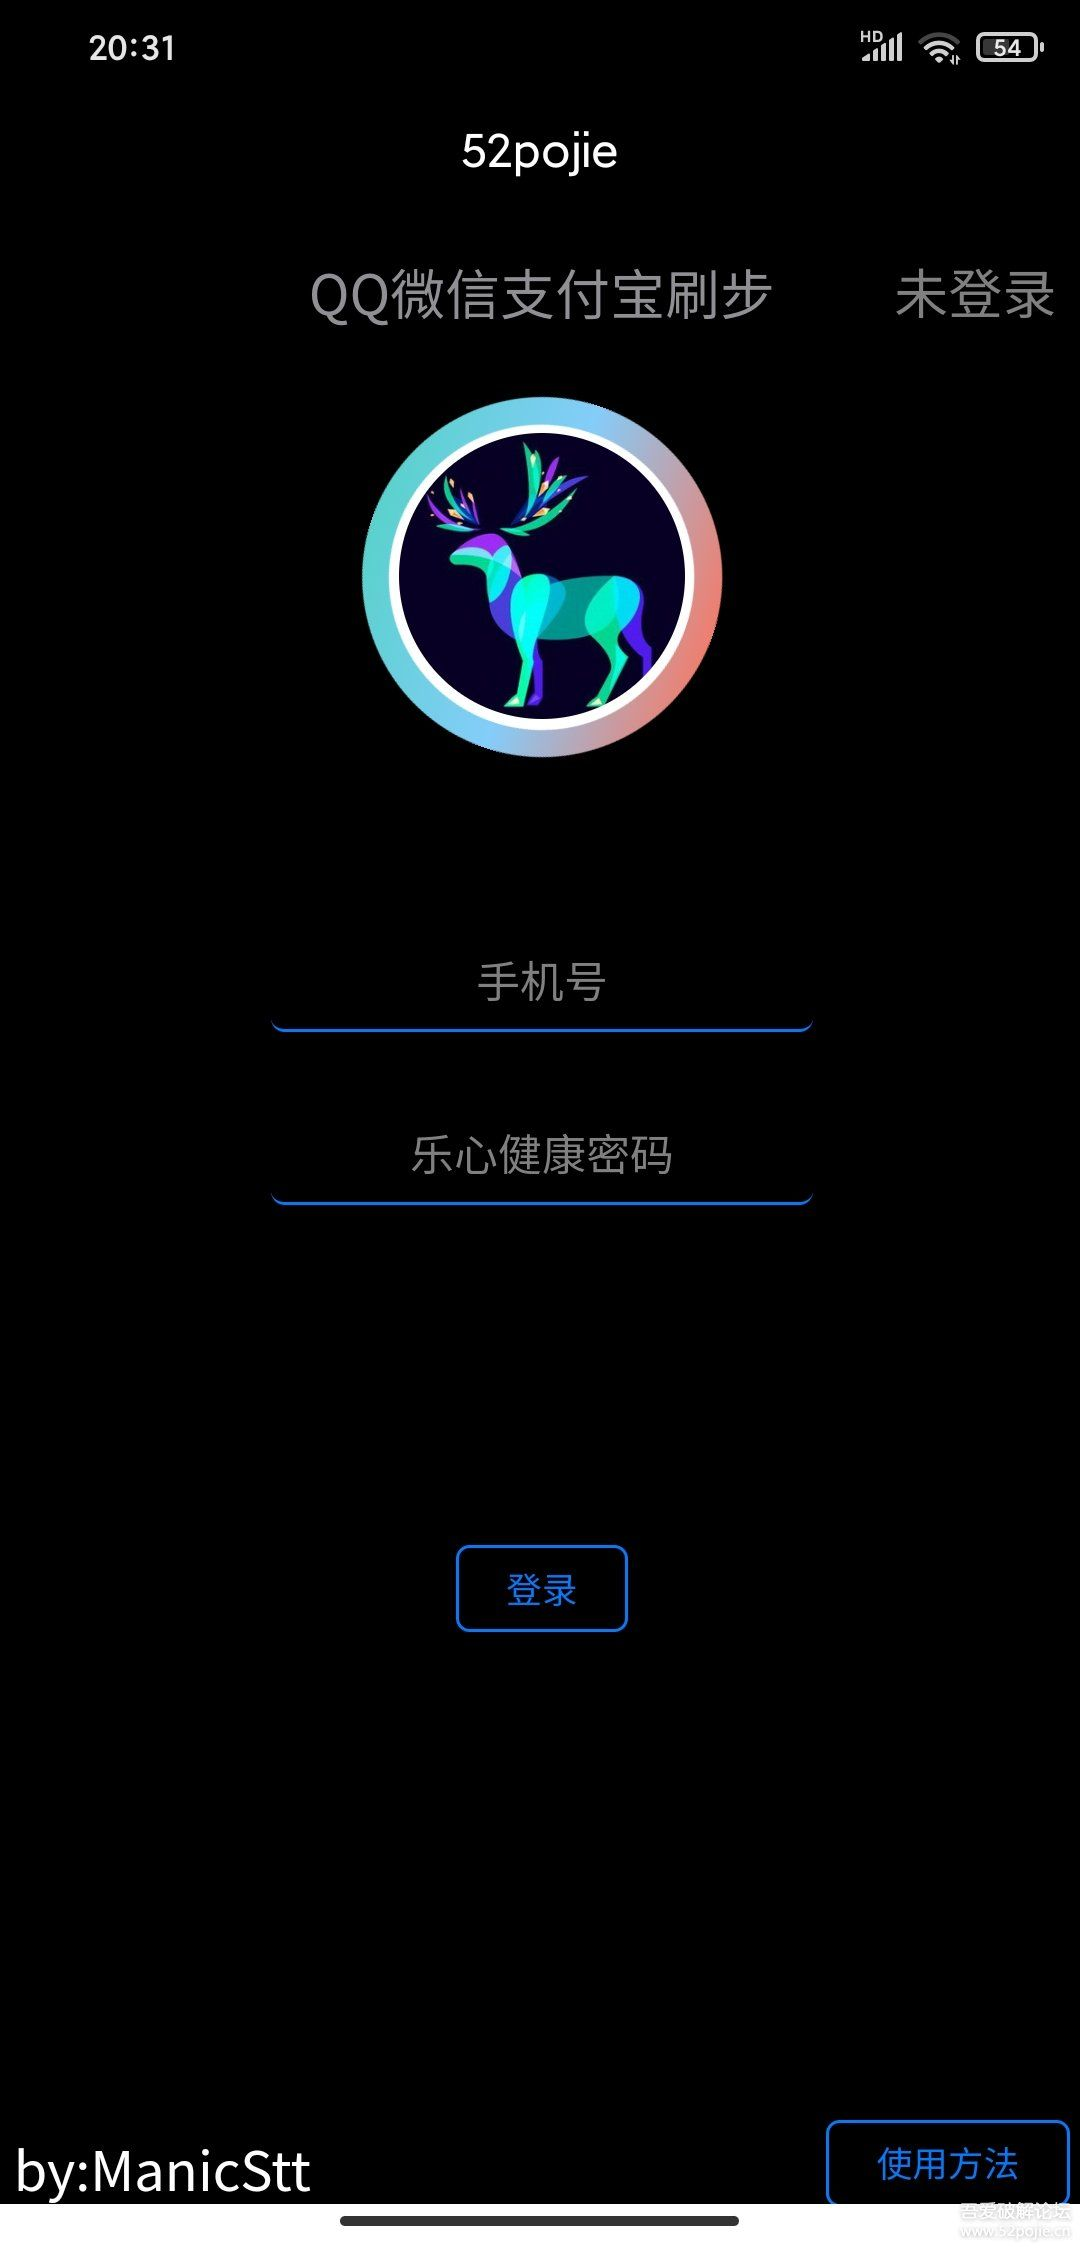 微信步数刷手神器,乐心健康微信刷步数app